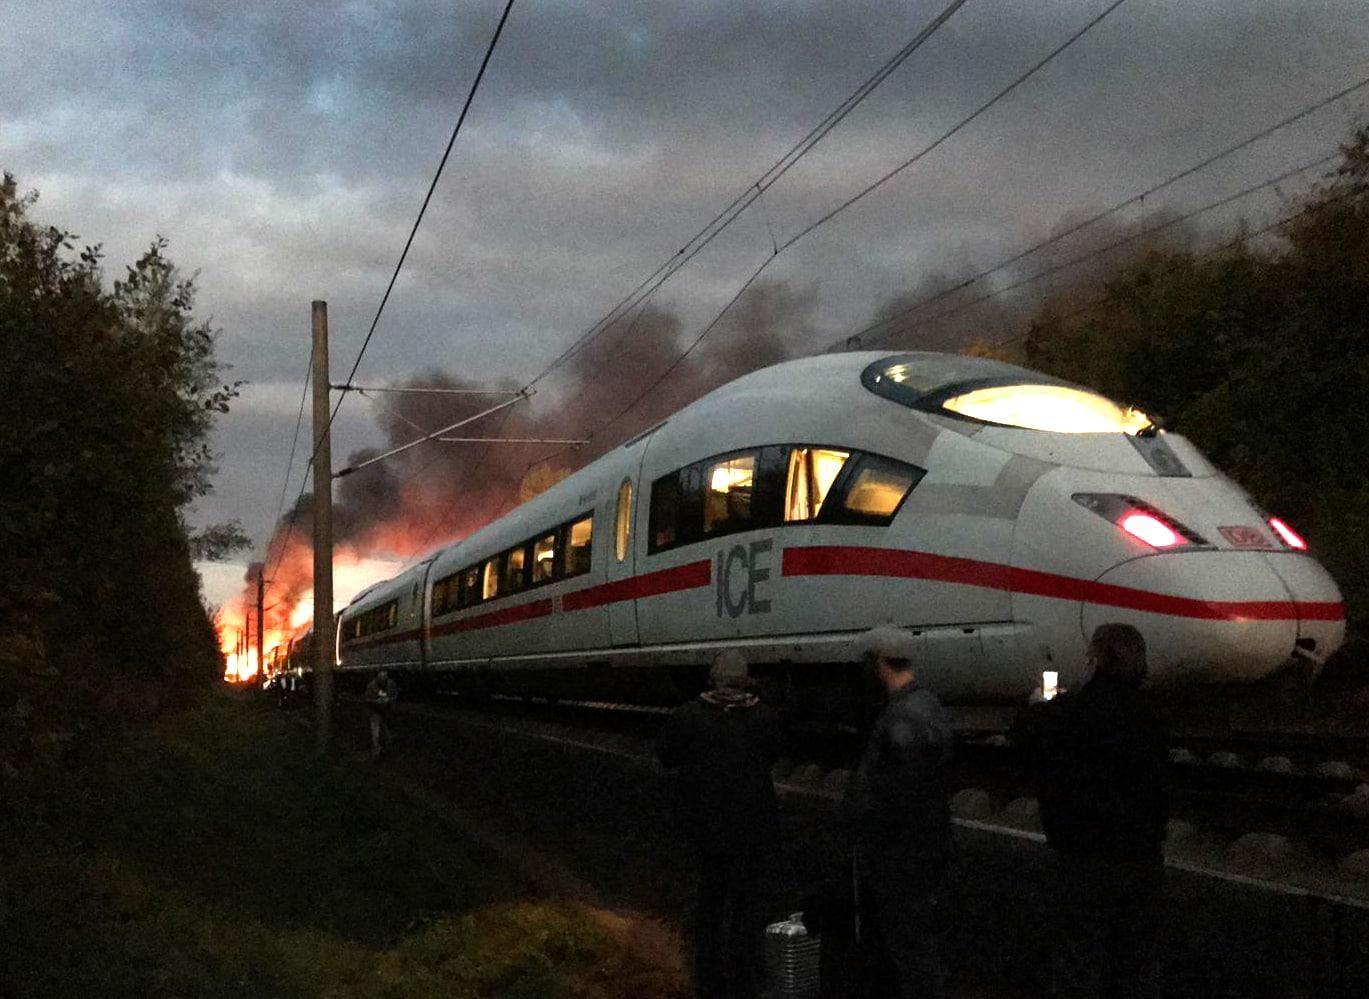 <p>Das Feuer in einem ICE auf der Schnellstrecke Frankfurt-Köln ist von einem technischen Defekt ausgelöst worden.</p> Foto: dpa/Ute Lange